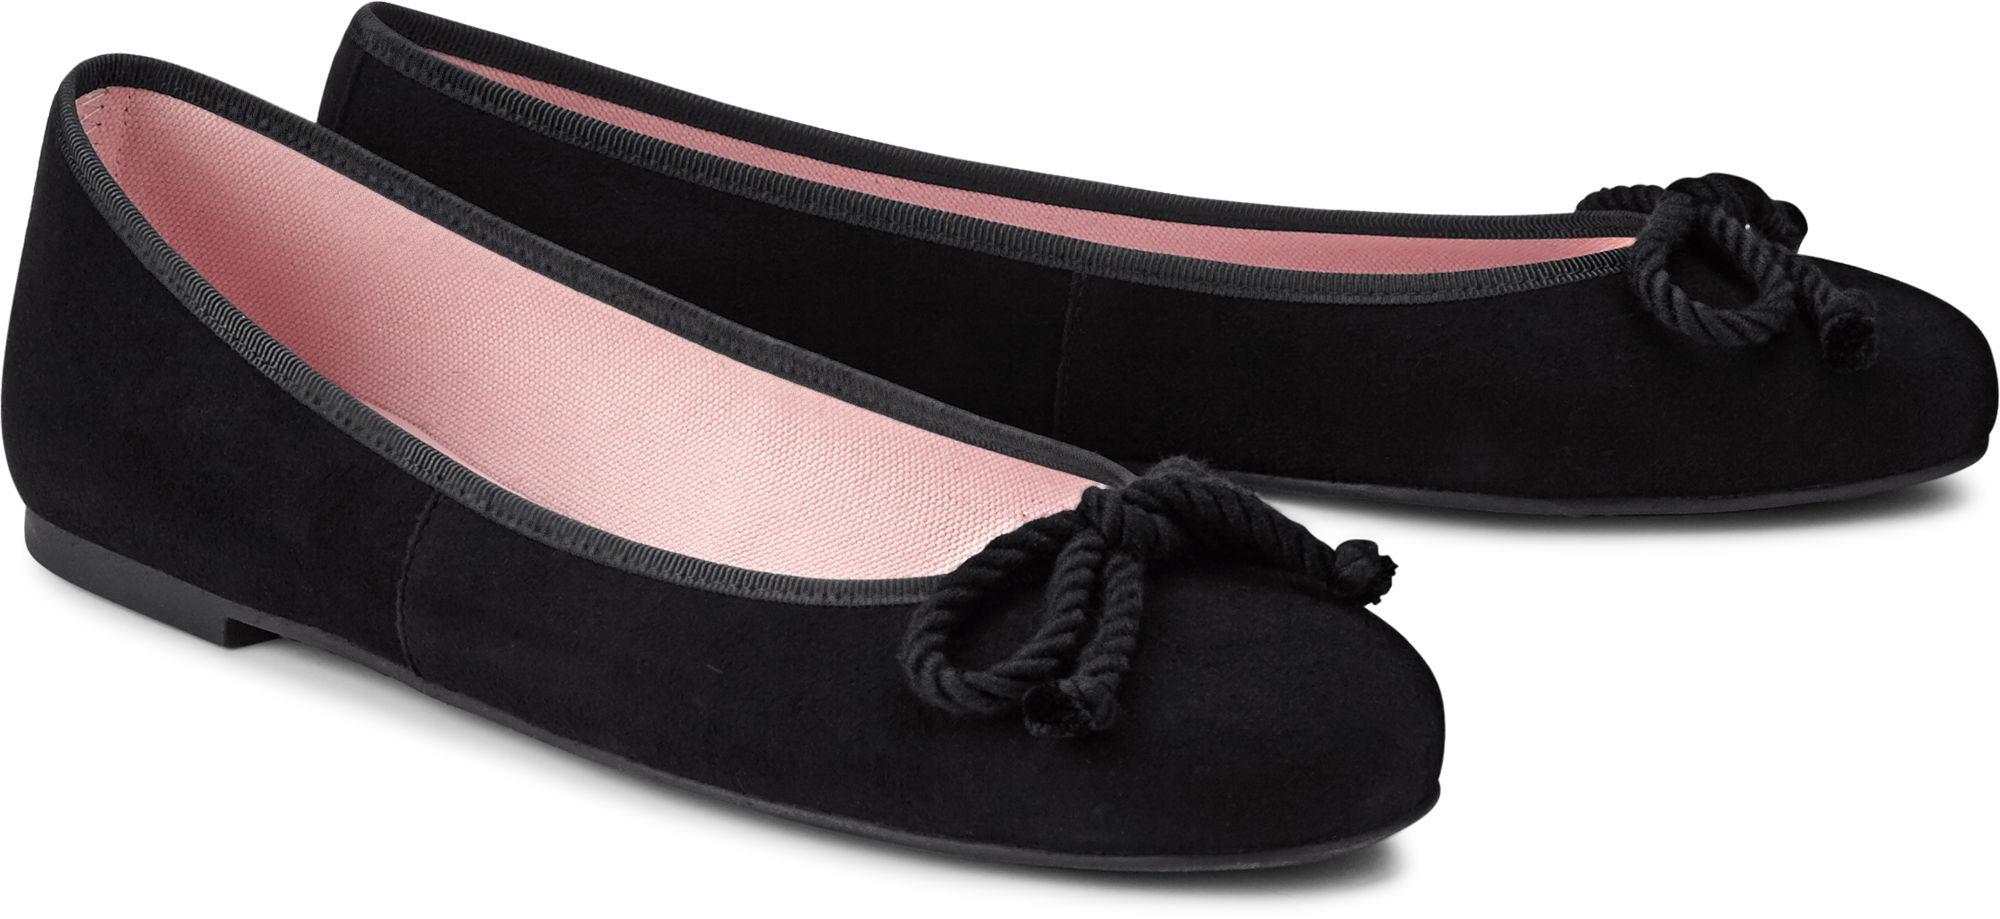 c9c5ee2db78976 Nubuk Ballerina von Pretty Ballerinas in schwarz für Damen. Gr.  37